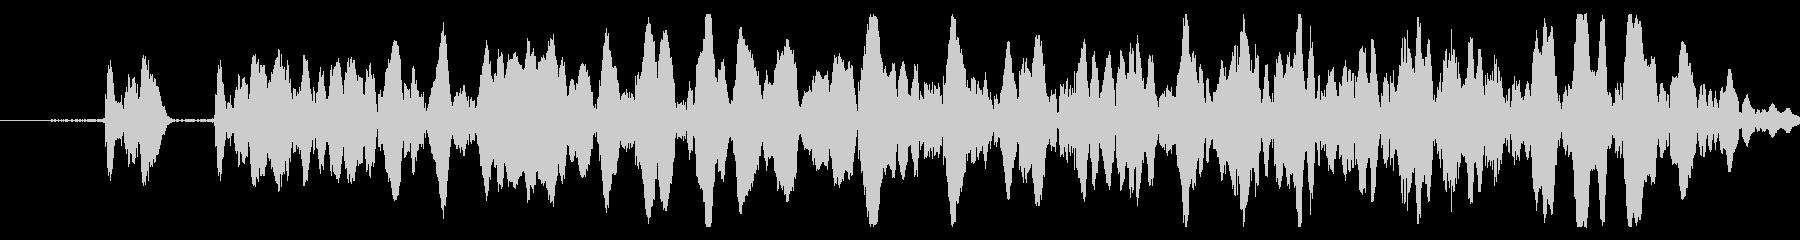 エラー/キャンセル/閉じる/戻る/04の未再生の波形